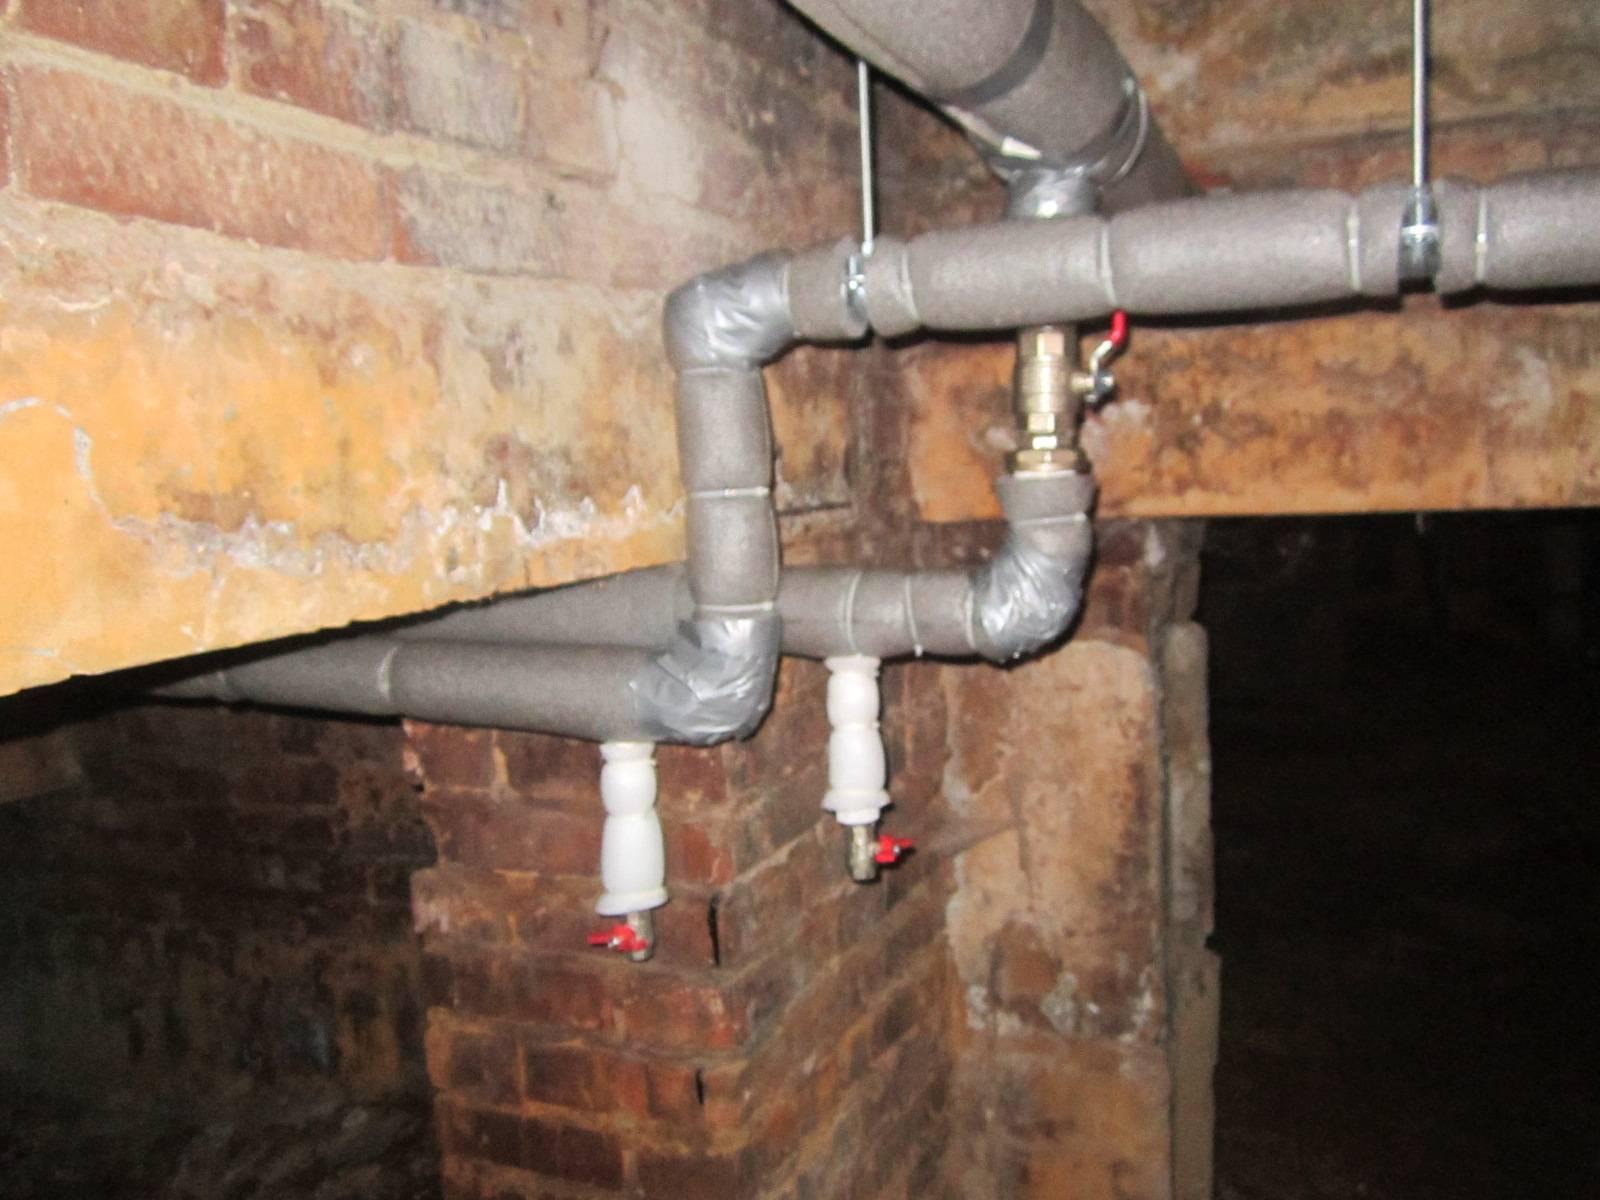 Ввод канализации в дом без подвала: особенности и правила, инструкция по монтажу